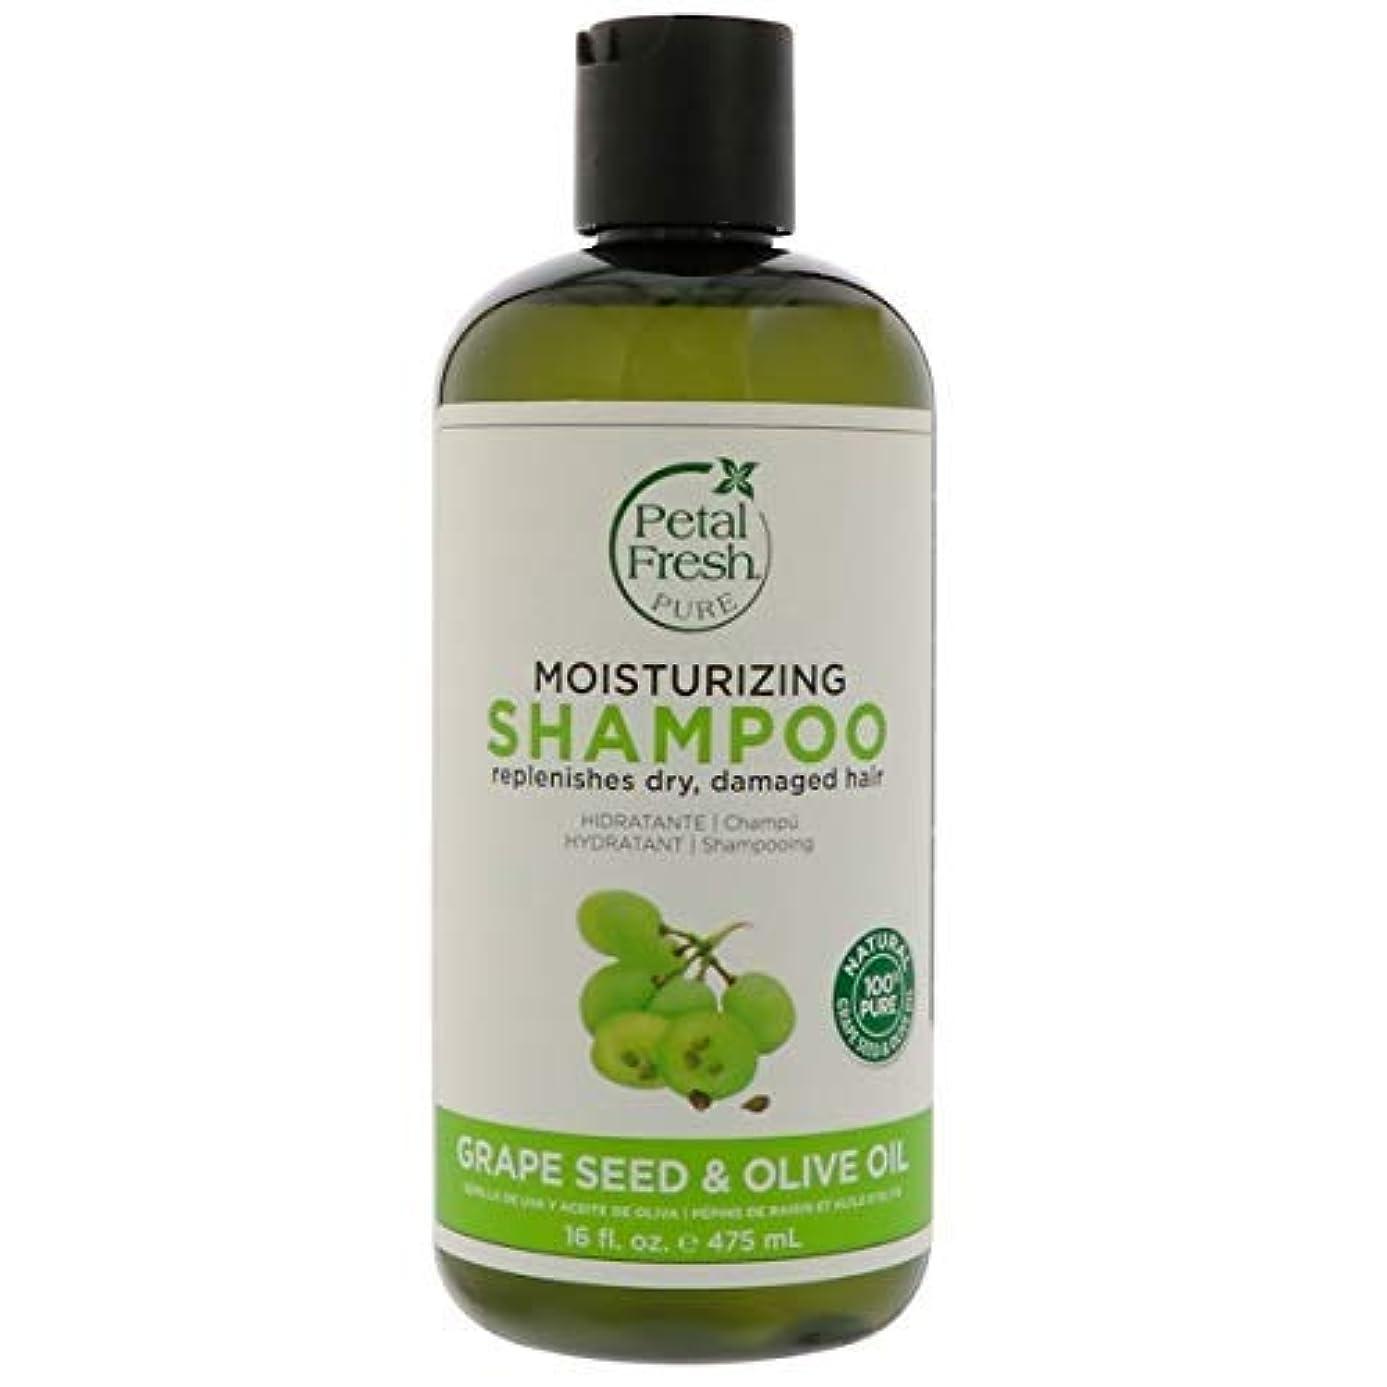 ペア抵抗チャートPetal Fresh Pure ペタルフレッシュ ピュア エイジディファイング シャンプー グレープシード &オリーブオイル 16 fl oz (475 ml) [並行輸入品]